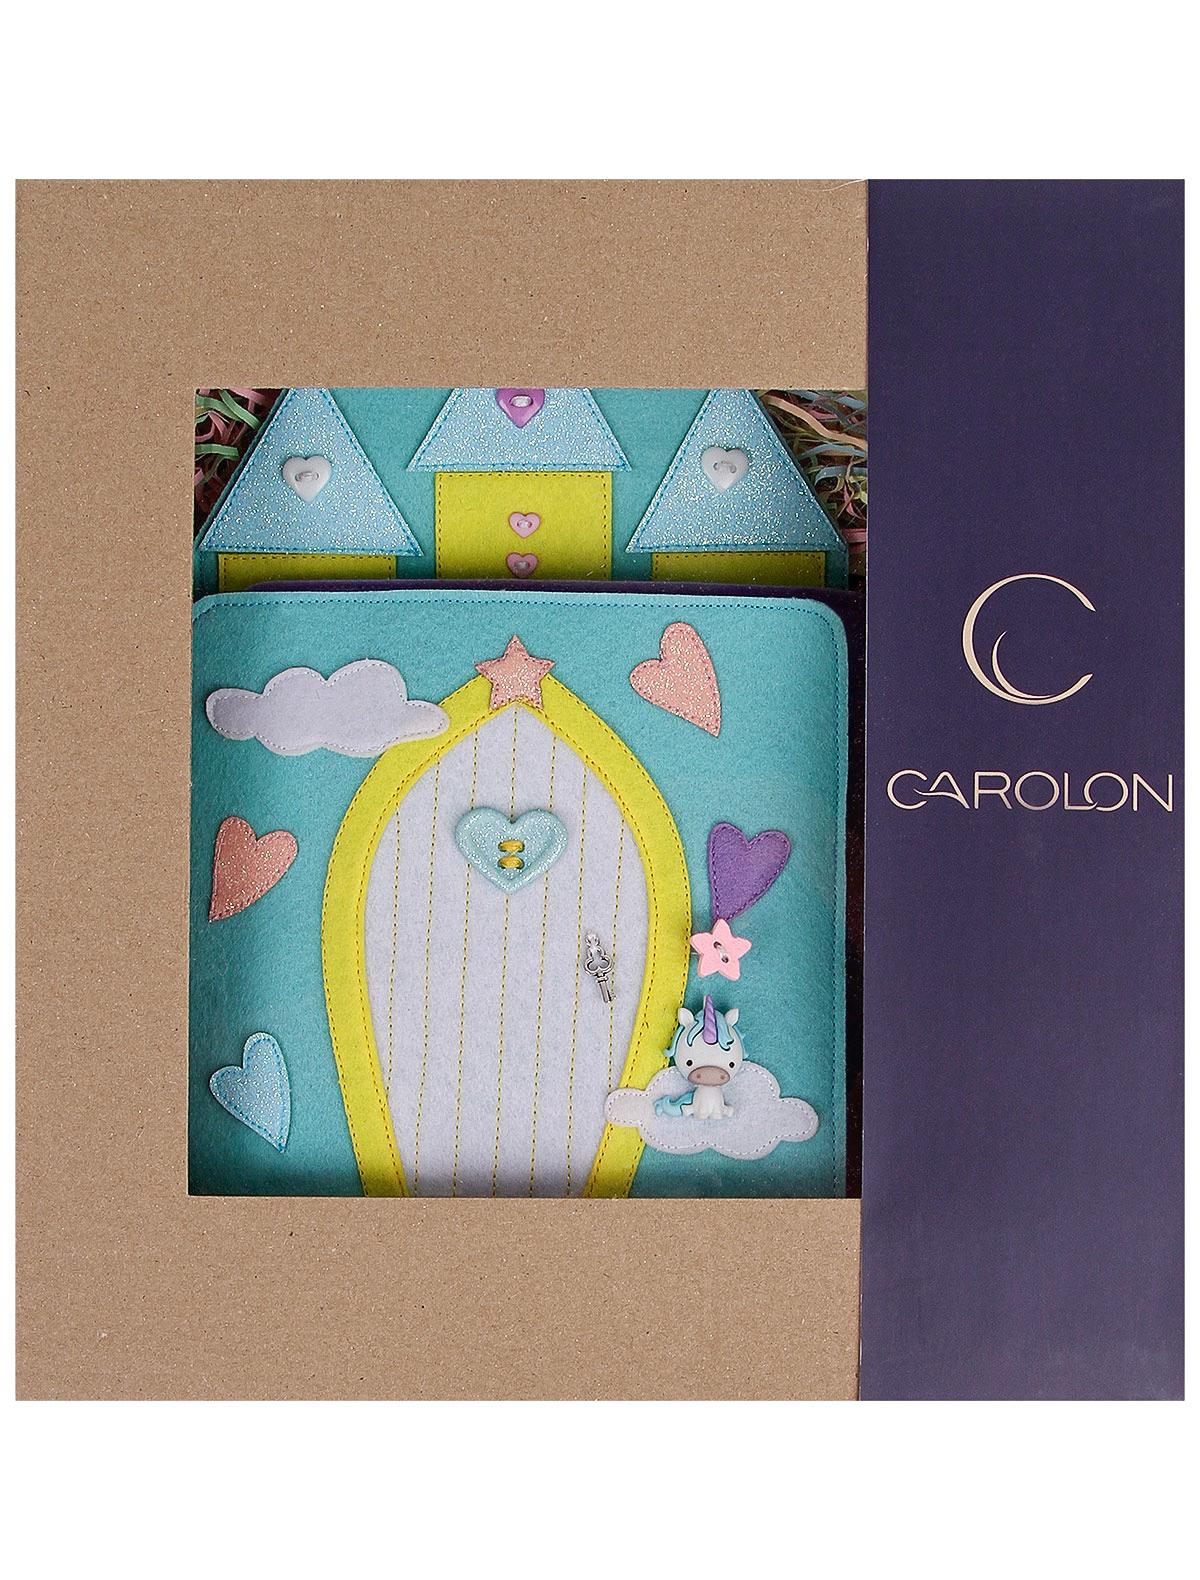 Купить 2231139, Игрушка мягкая Carolon, голубой, 7124520080212